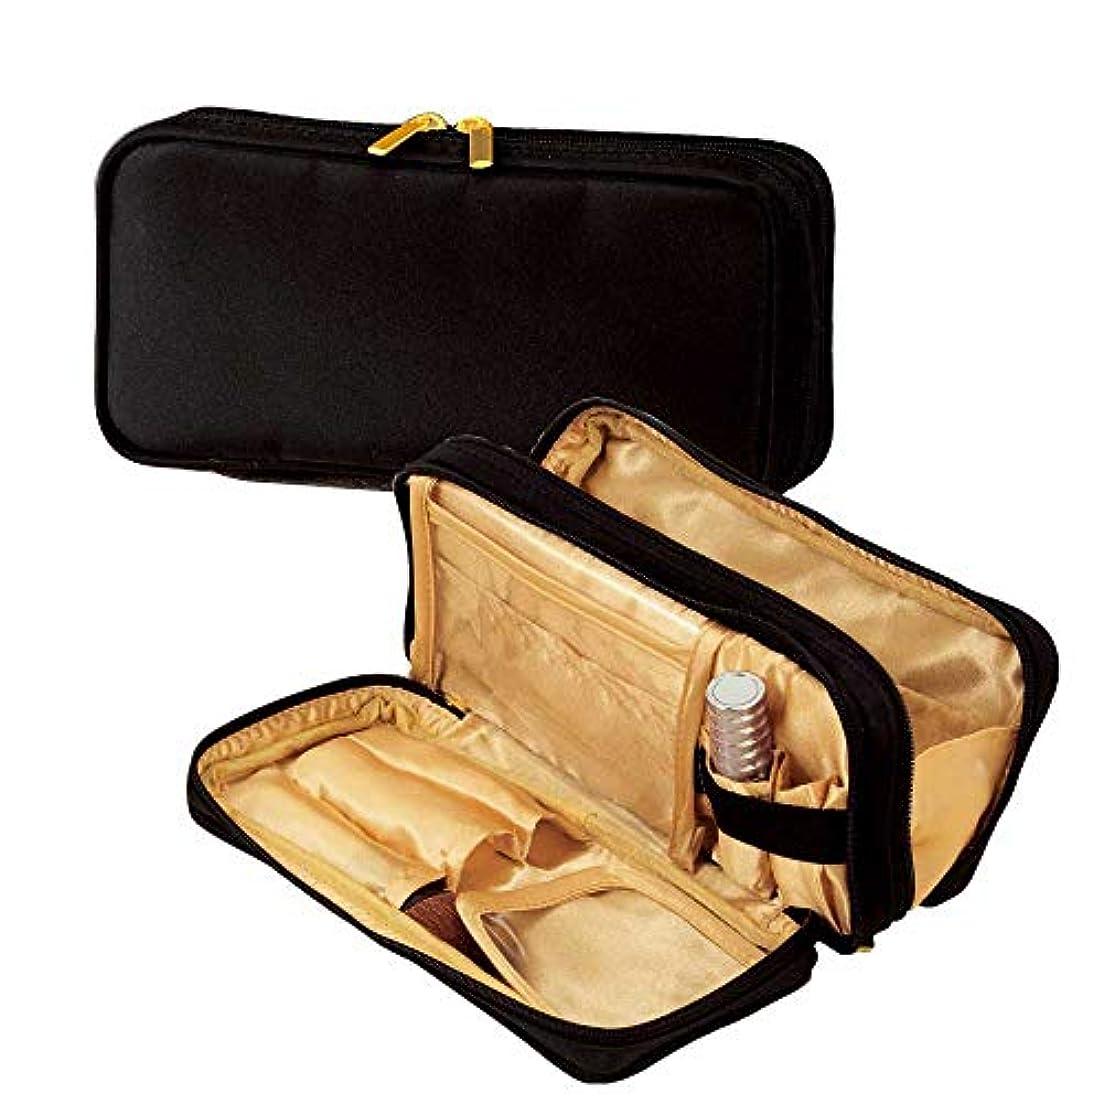 エントリチート盟主functional?マルチポーチ(gold)ブラシ入れ付きの機能的な化粧ポーチ